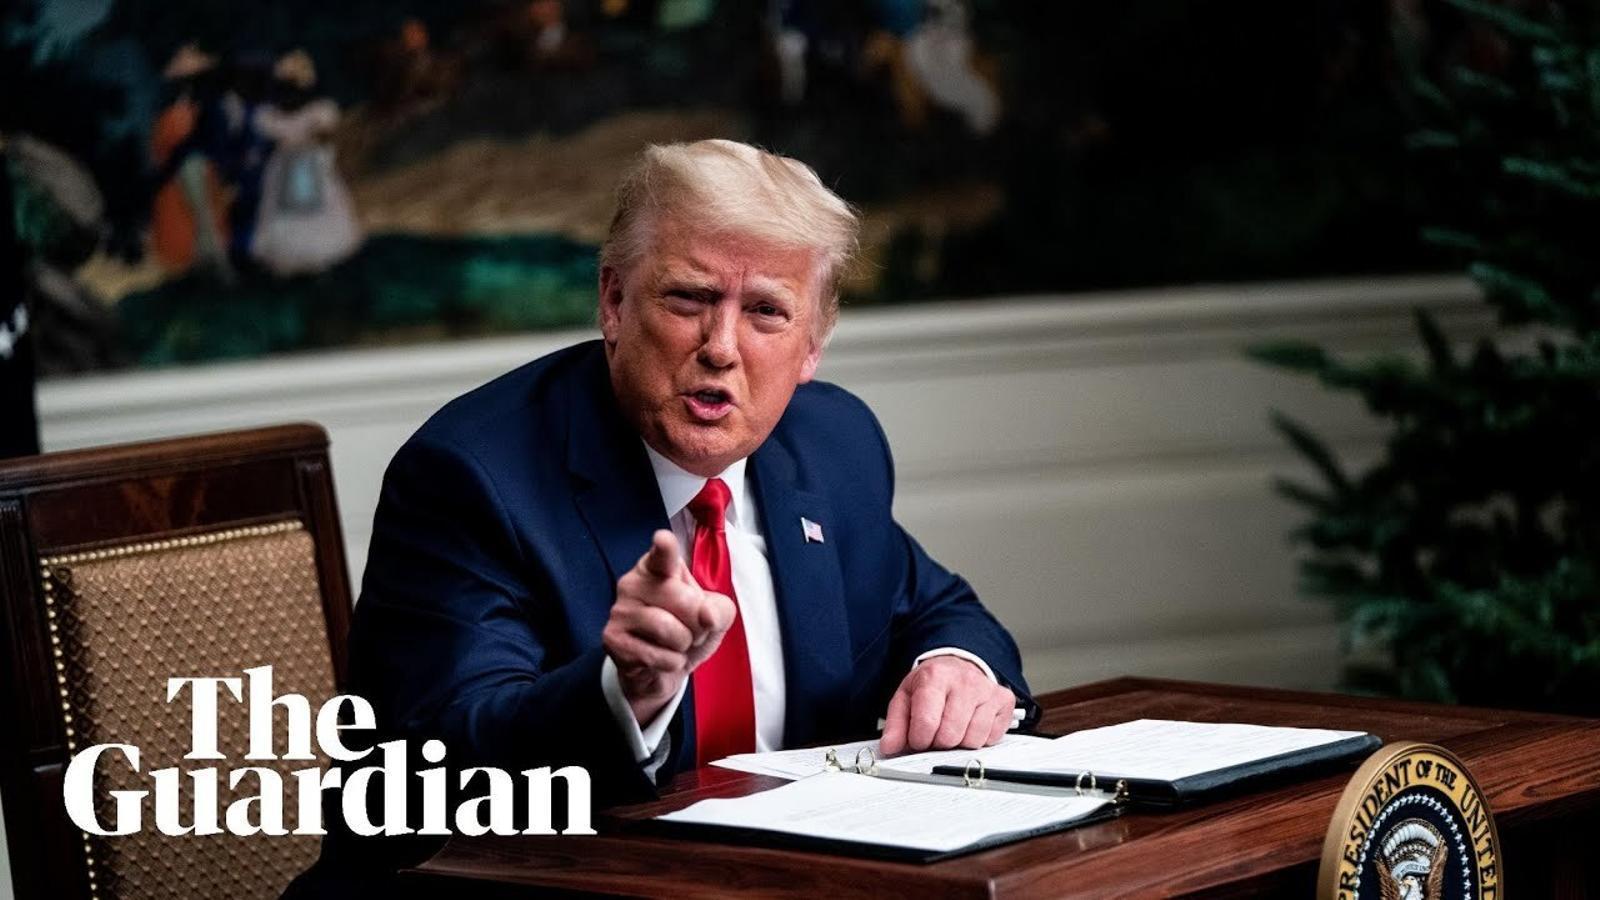 Trump declara que abandonarà la Casa Blanca si el col·legi electoral escull Biden